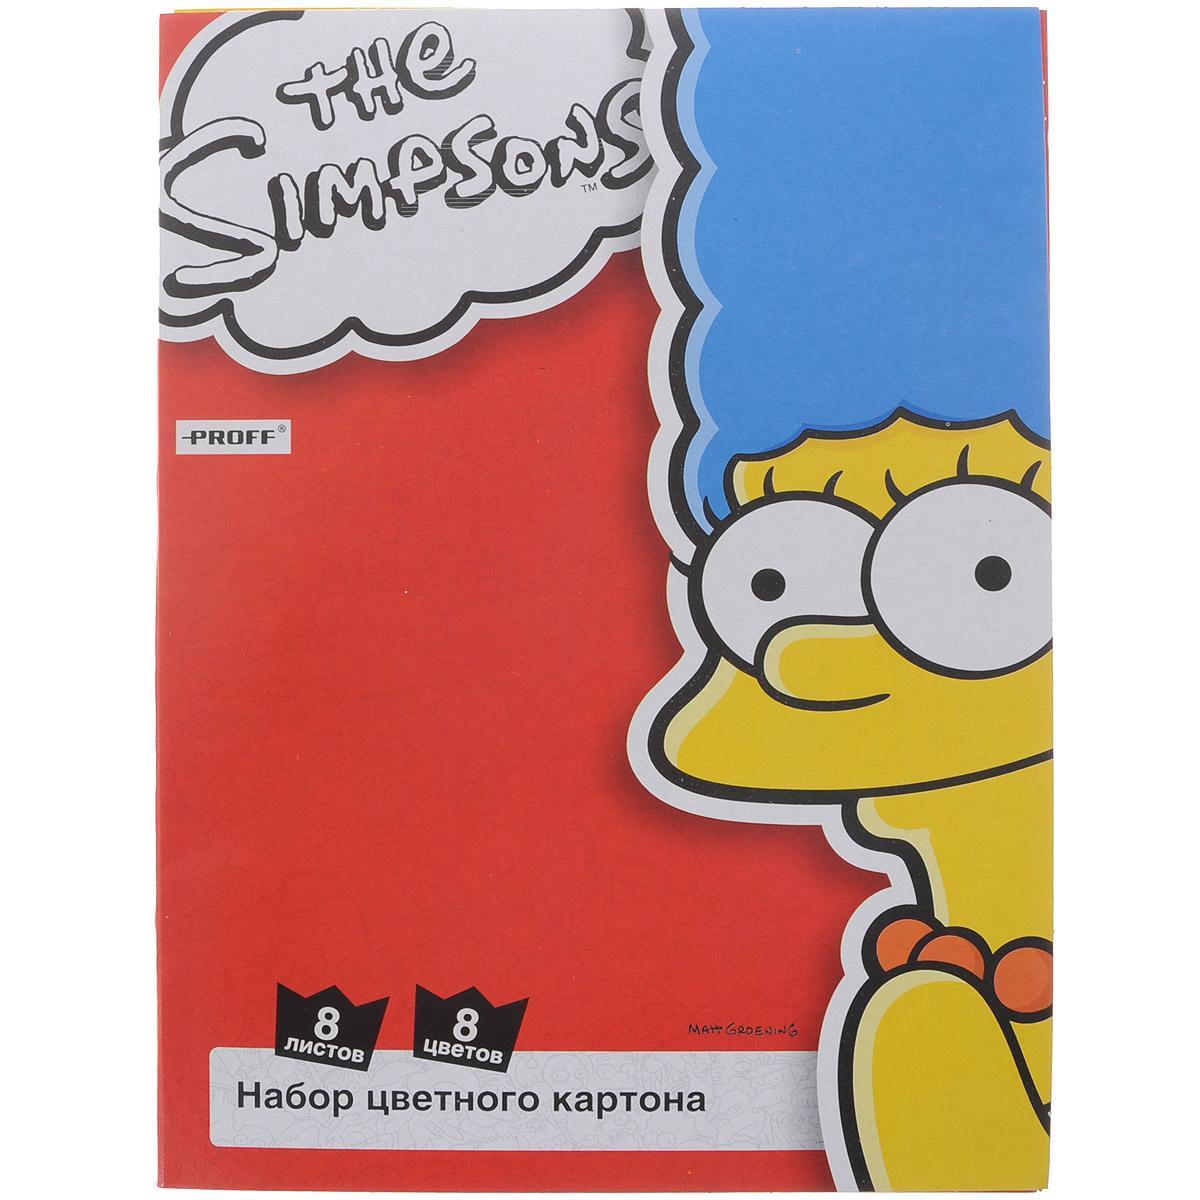 Набор цветного картона The Simpsons, 8 листовSI15-CCS08Набор цветного картона Proff The Simpsons прекрасно выполненный, замечательный набор для детского творчества Набор позволит создавать всевозможные аппликации и поделки. Набор состоит из картона желтого, черного, зеленого, белого, красного, синего, оранжевого и малинового цветов. Создание поделок из цветного картона позволяет ребенку развивать творческие способности, кроме того, это увлекательный досуг.Творите вместе с Proff!